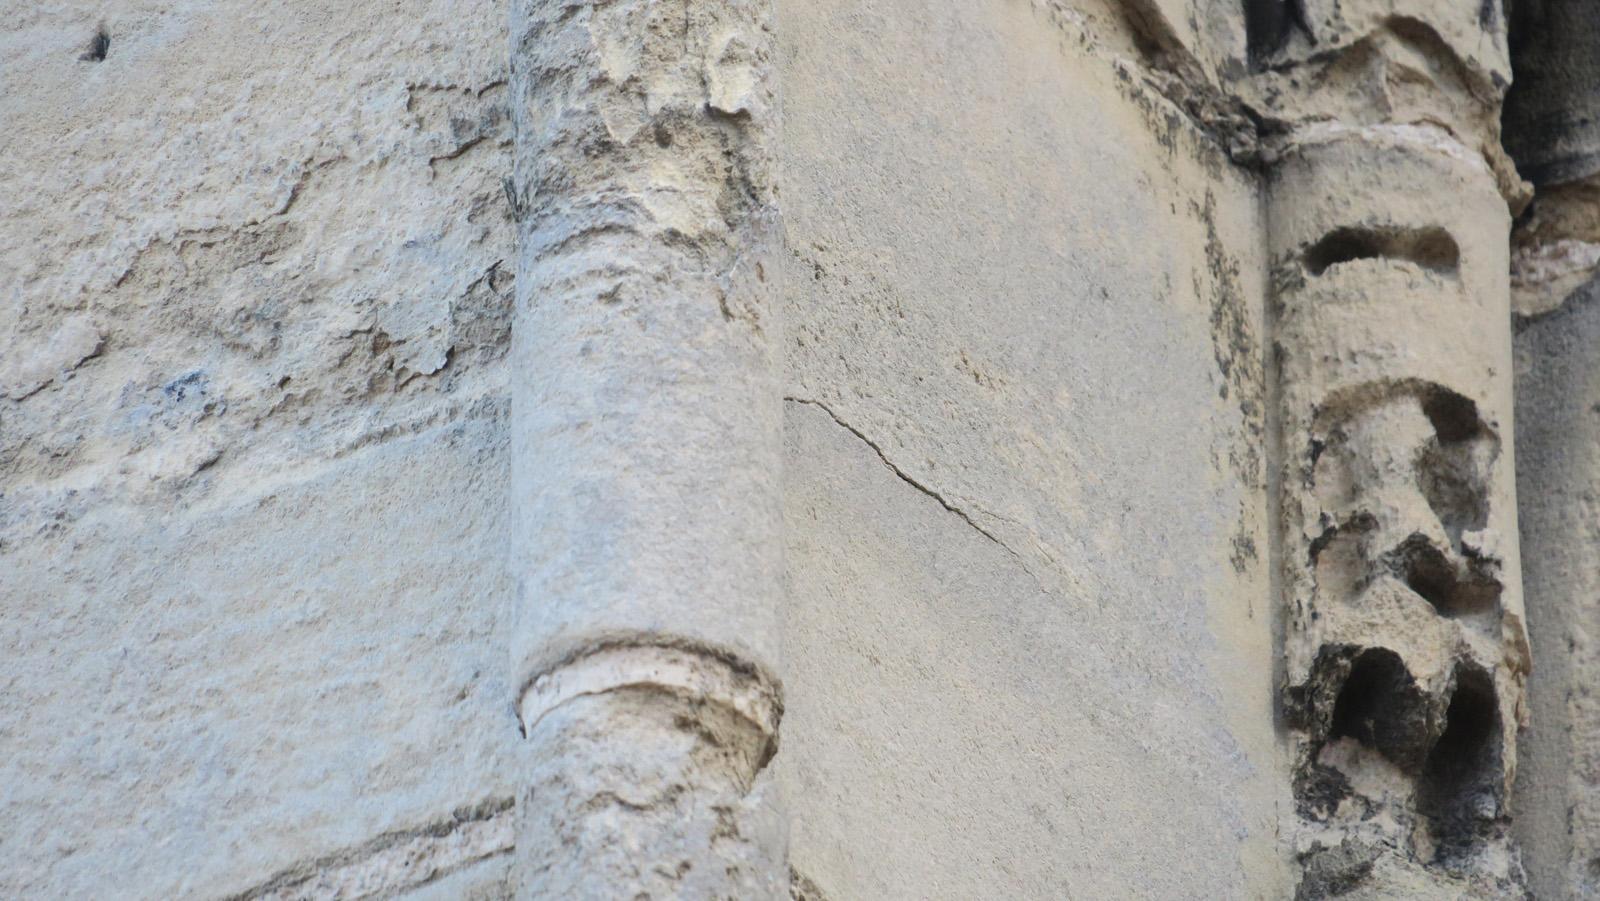 Détail de l'alvéolisation de la pierre sur la colonne sous l'action de l'eau